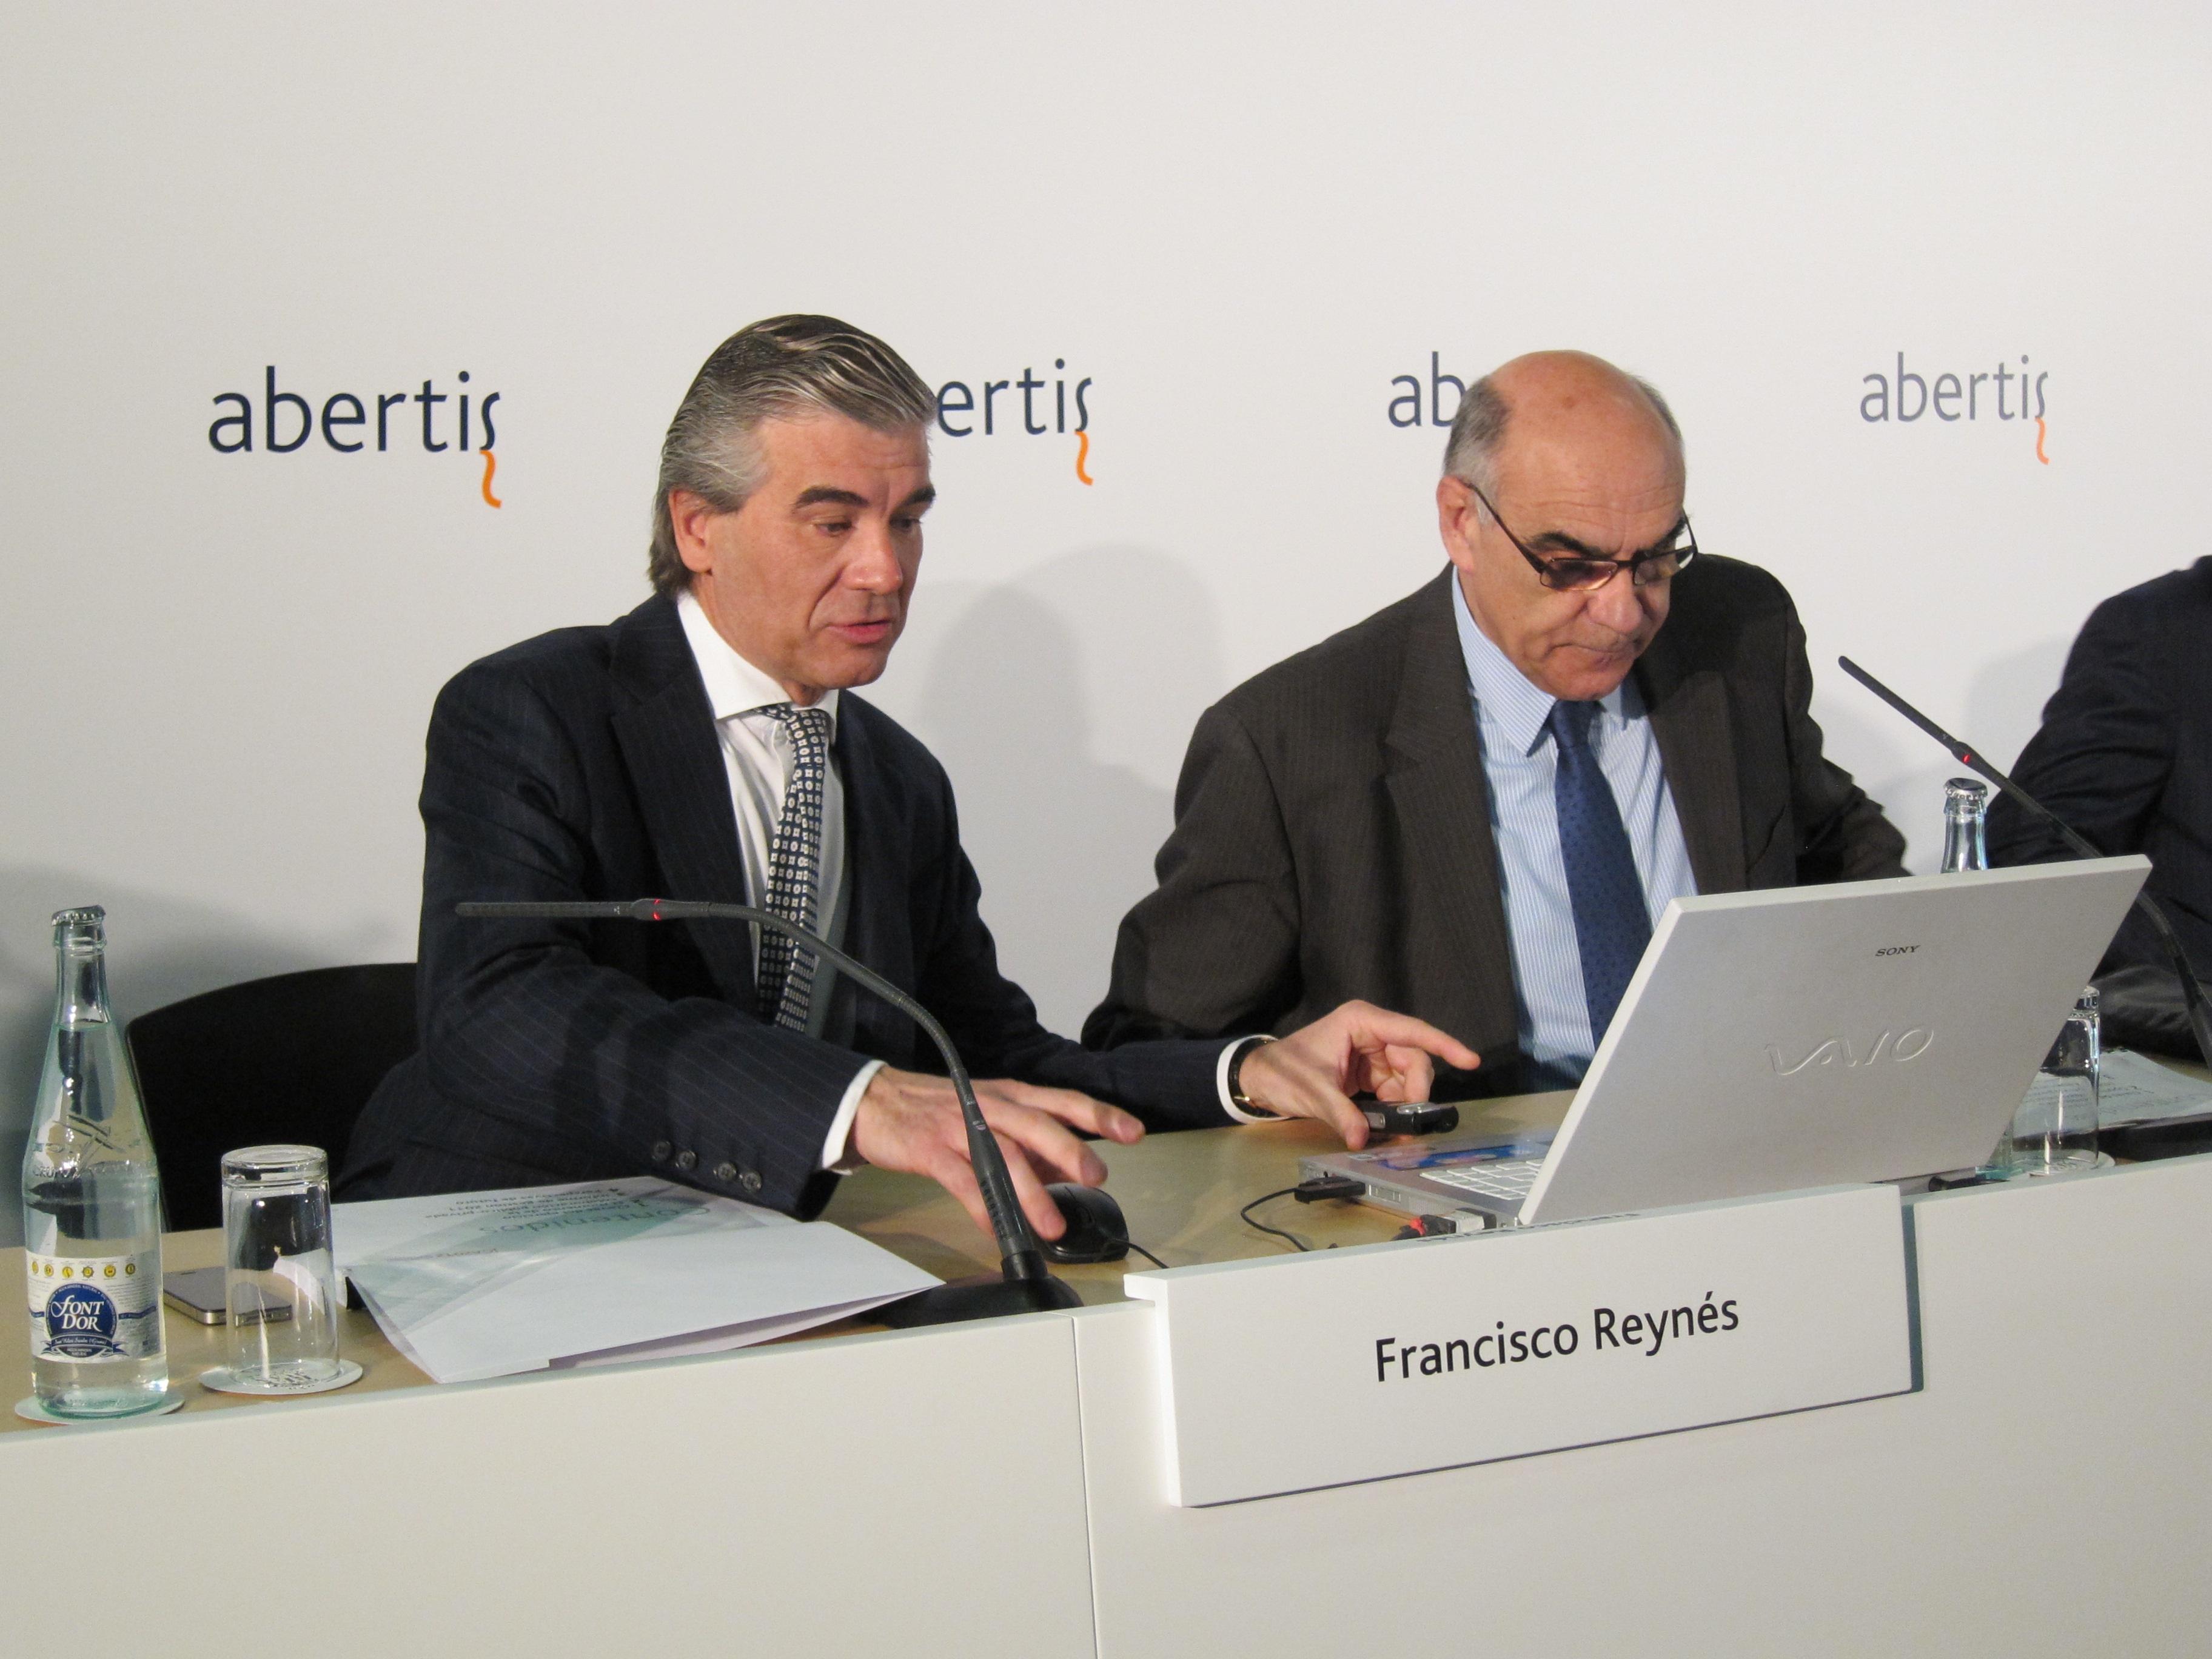 Abertis integra a Hispasat en sus cuentas y en su sede